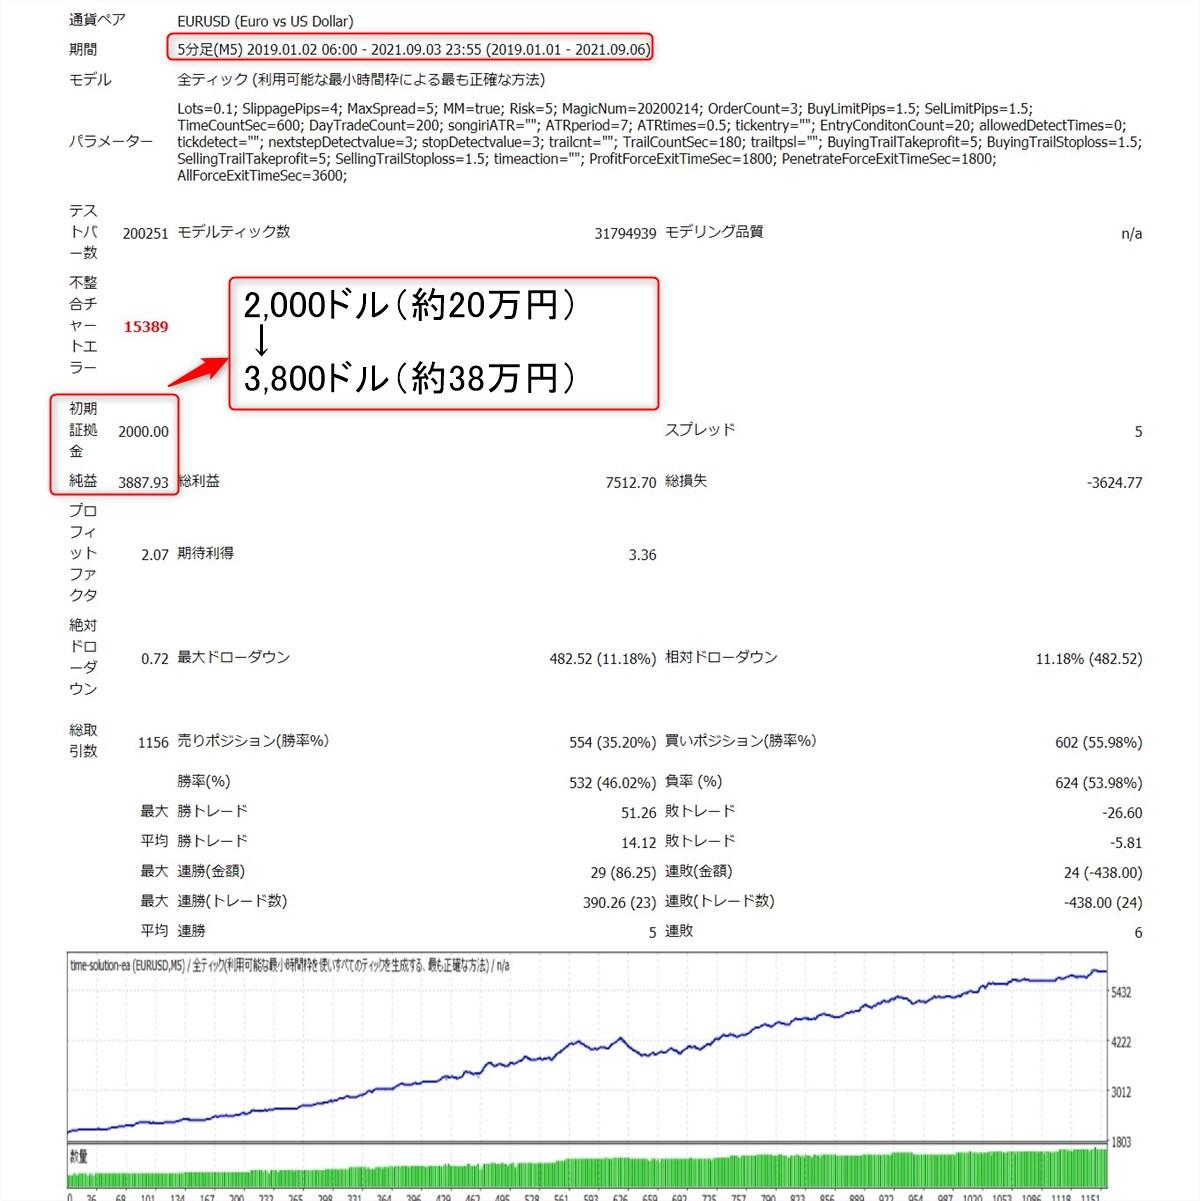 タイムソリューションEA:ユーロドルのバックテスト結果(2019年~2021年9月)